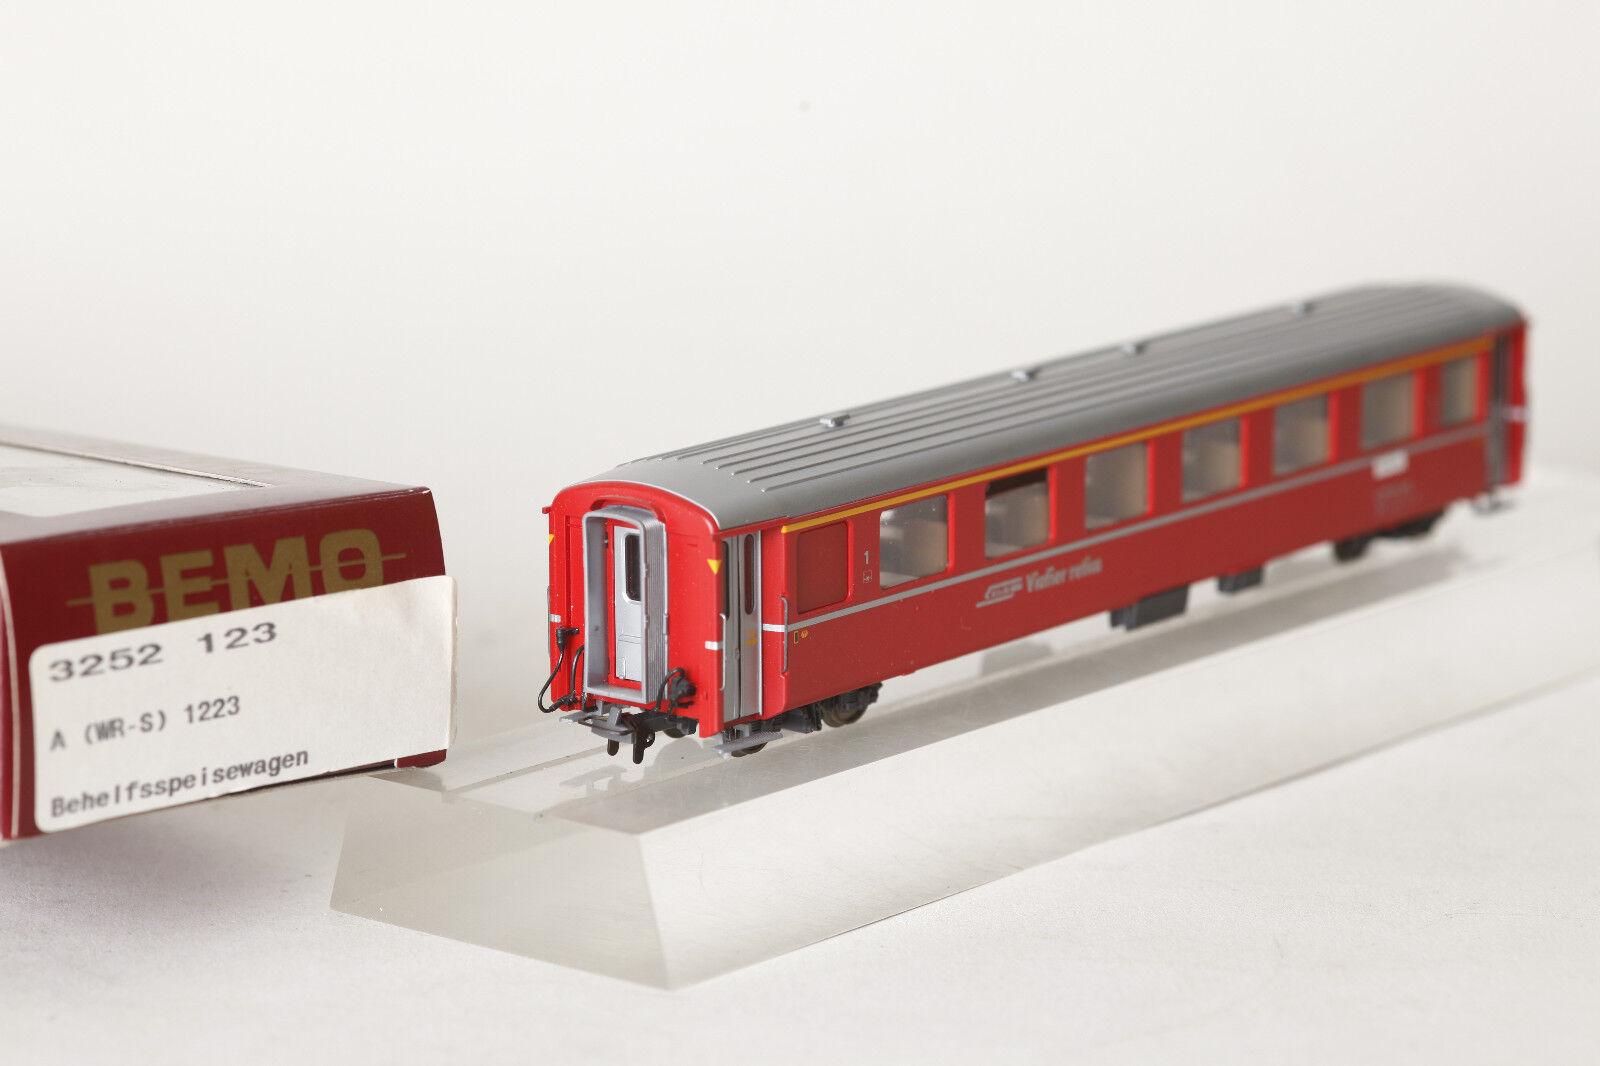 Bemo H0m H0m H0m 3252 123 Passenger Car Rhb Rhaetian Railway a WR-S 1223 1.kl. Red 91a486